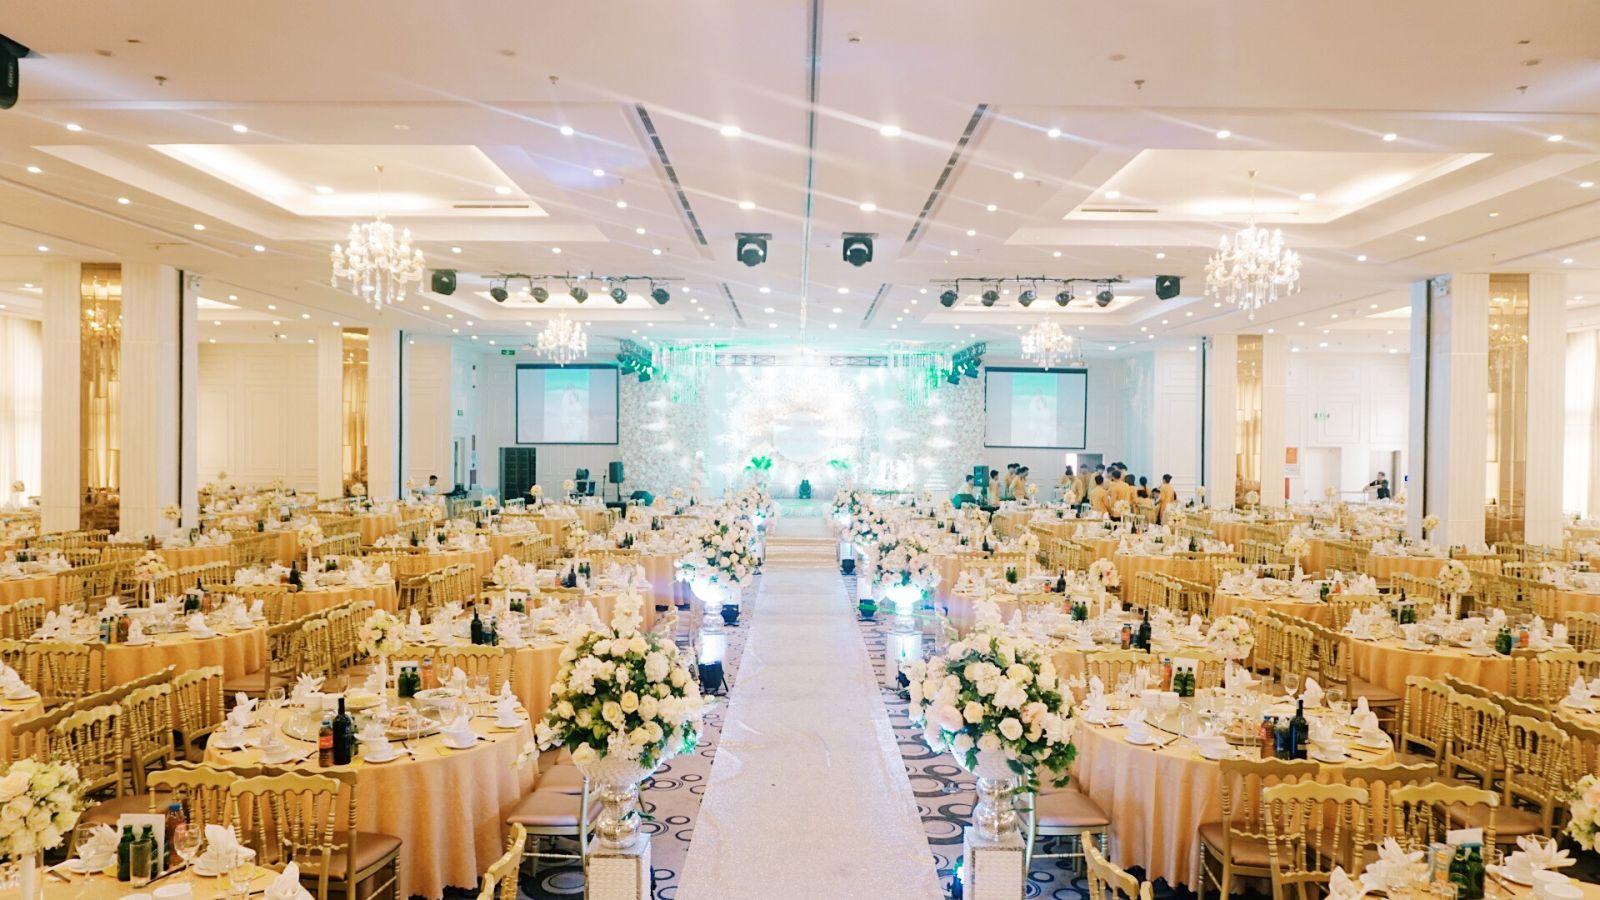 Thiết kế hệ thống âm thanh nhà hàng, tiệc cưới. 3